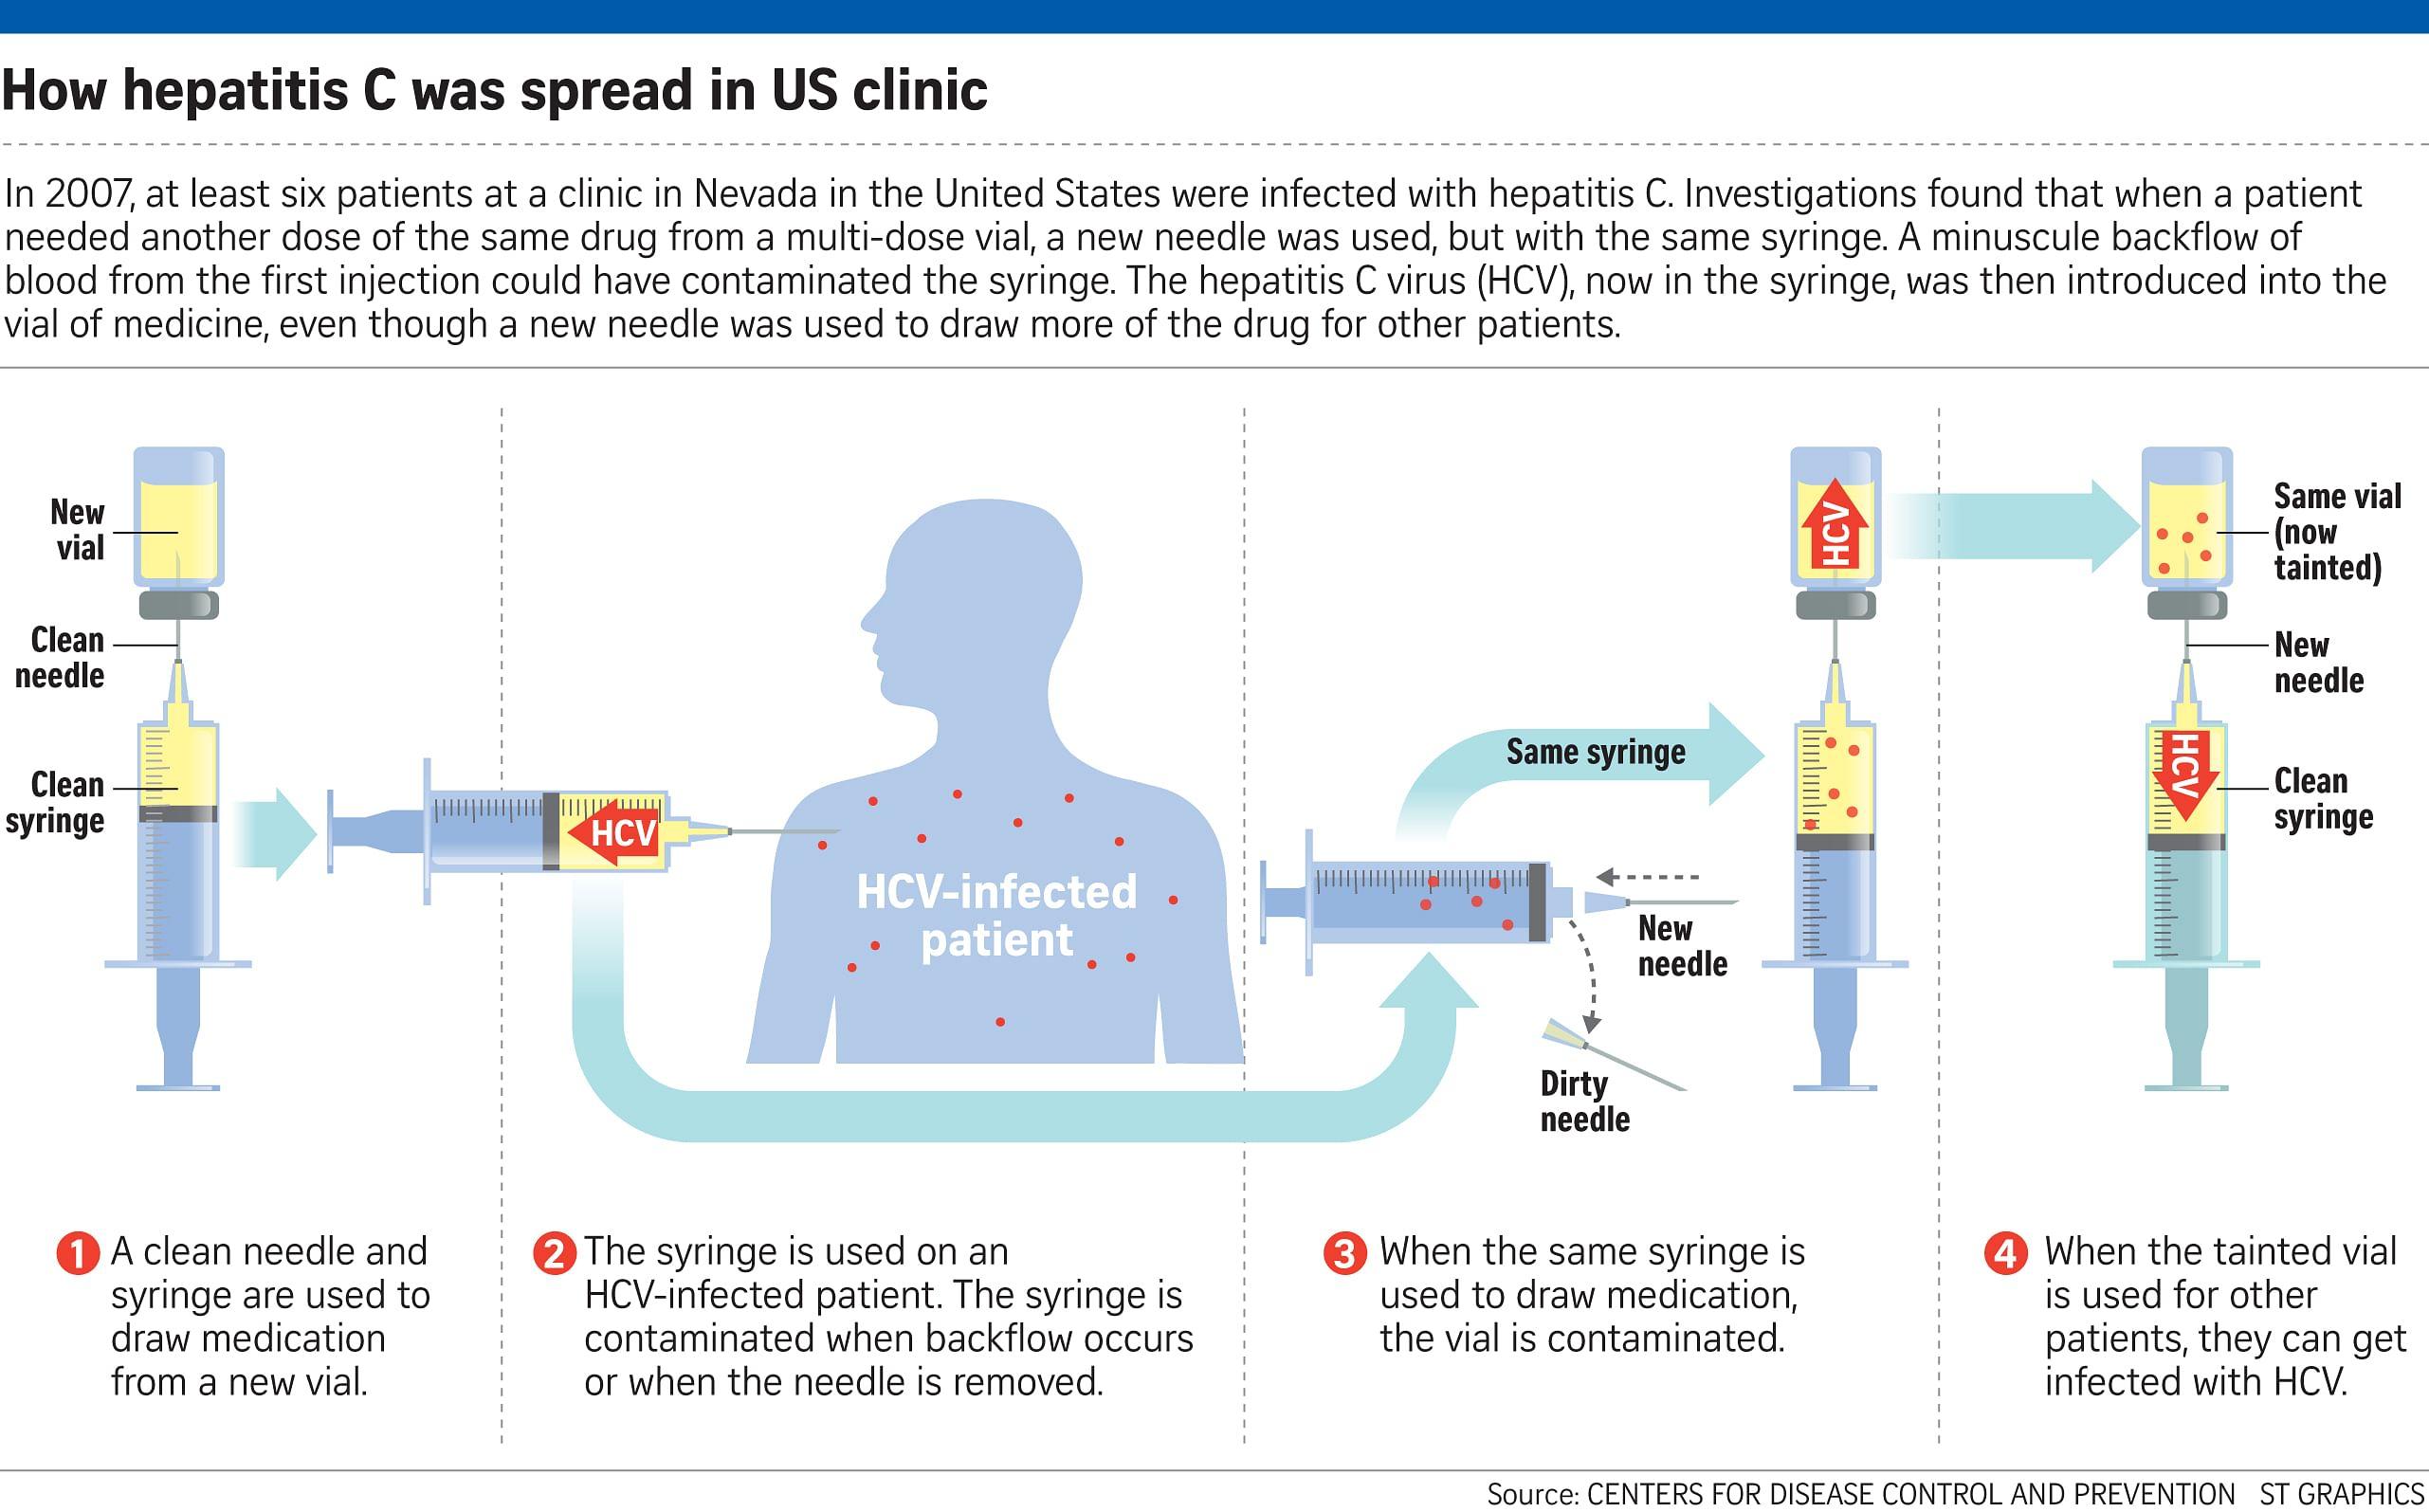 How hepatitis C was spread in US clinic